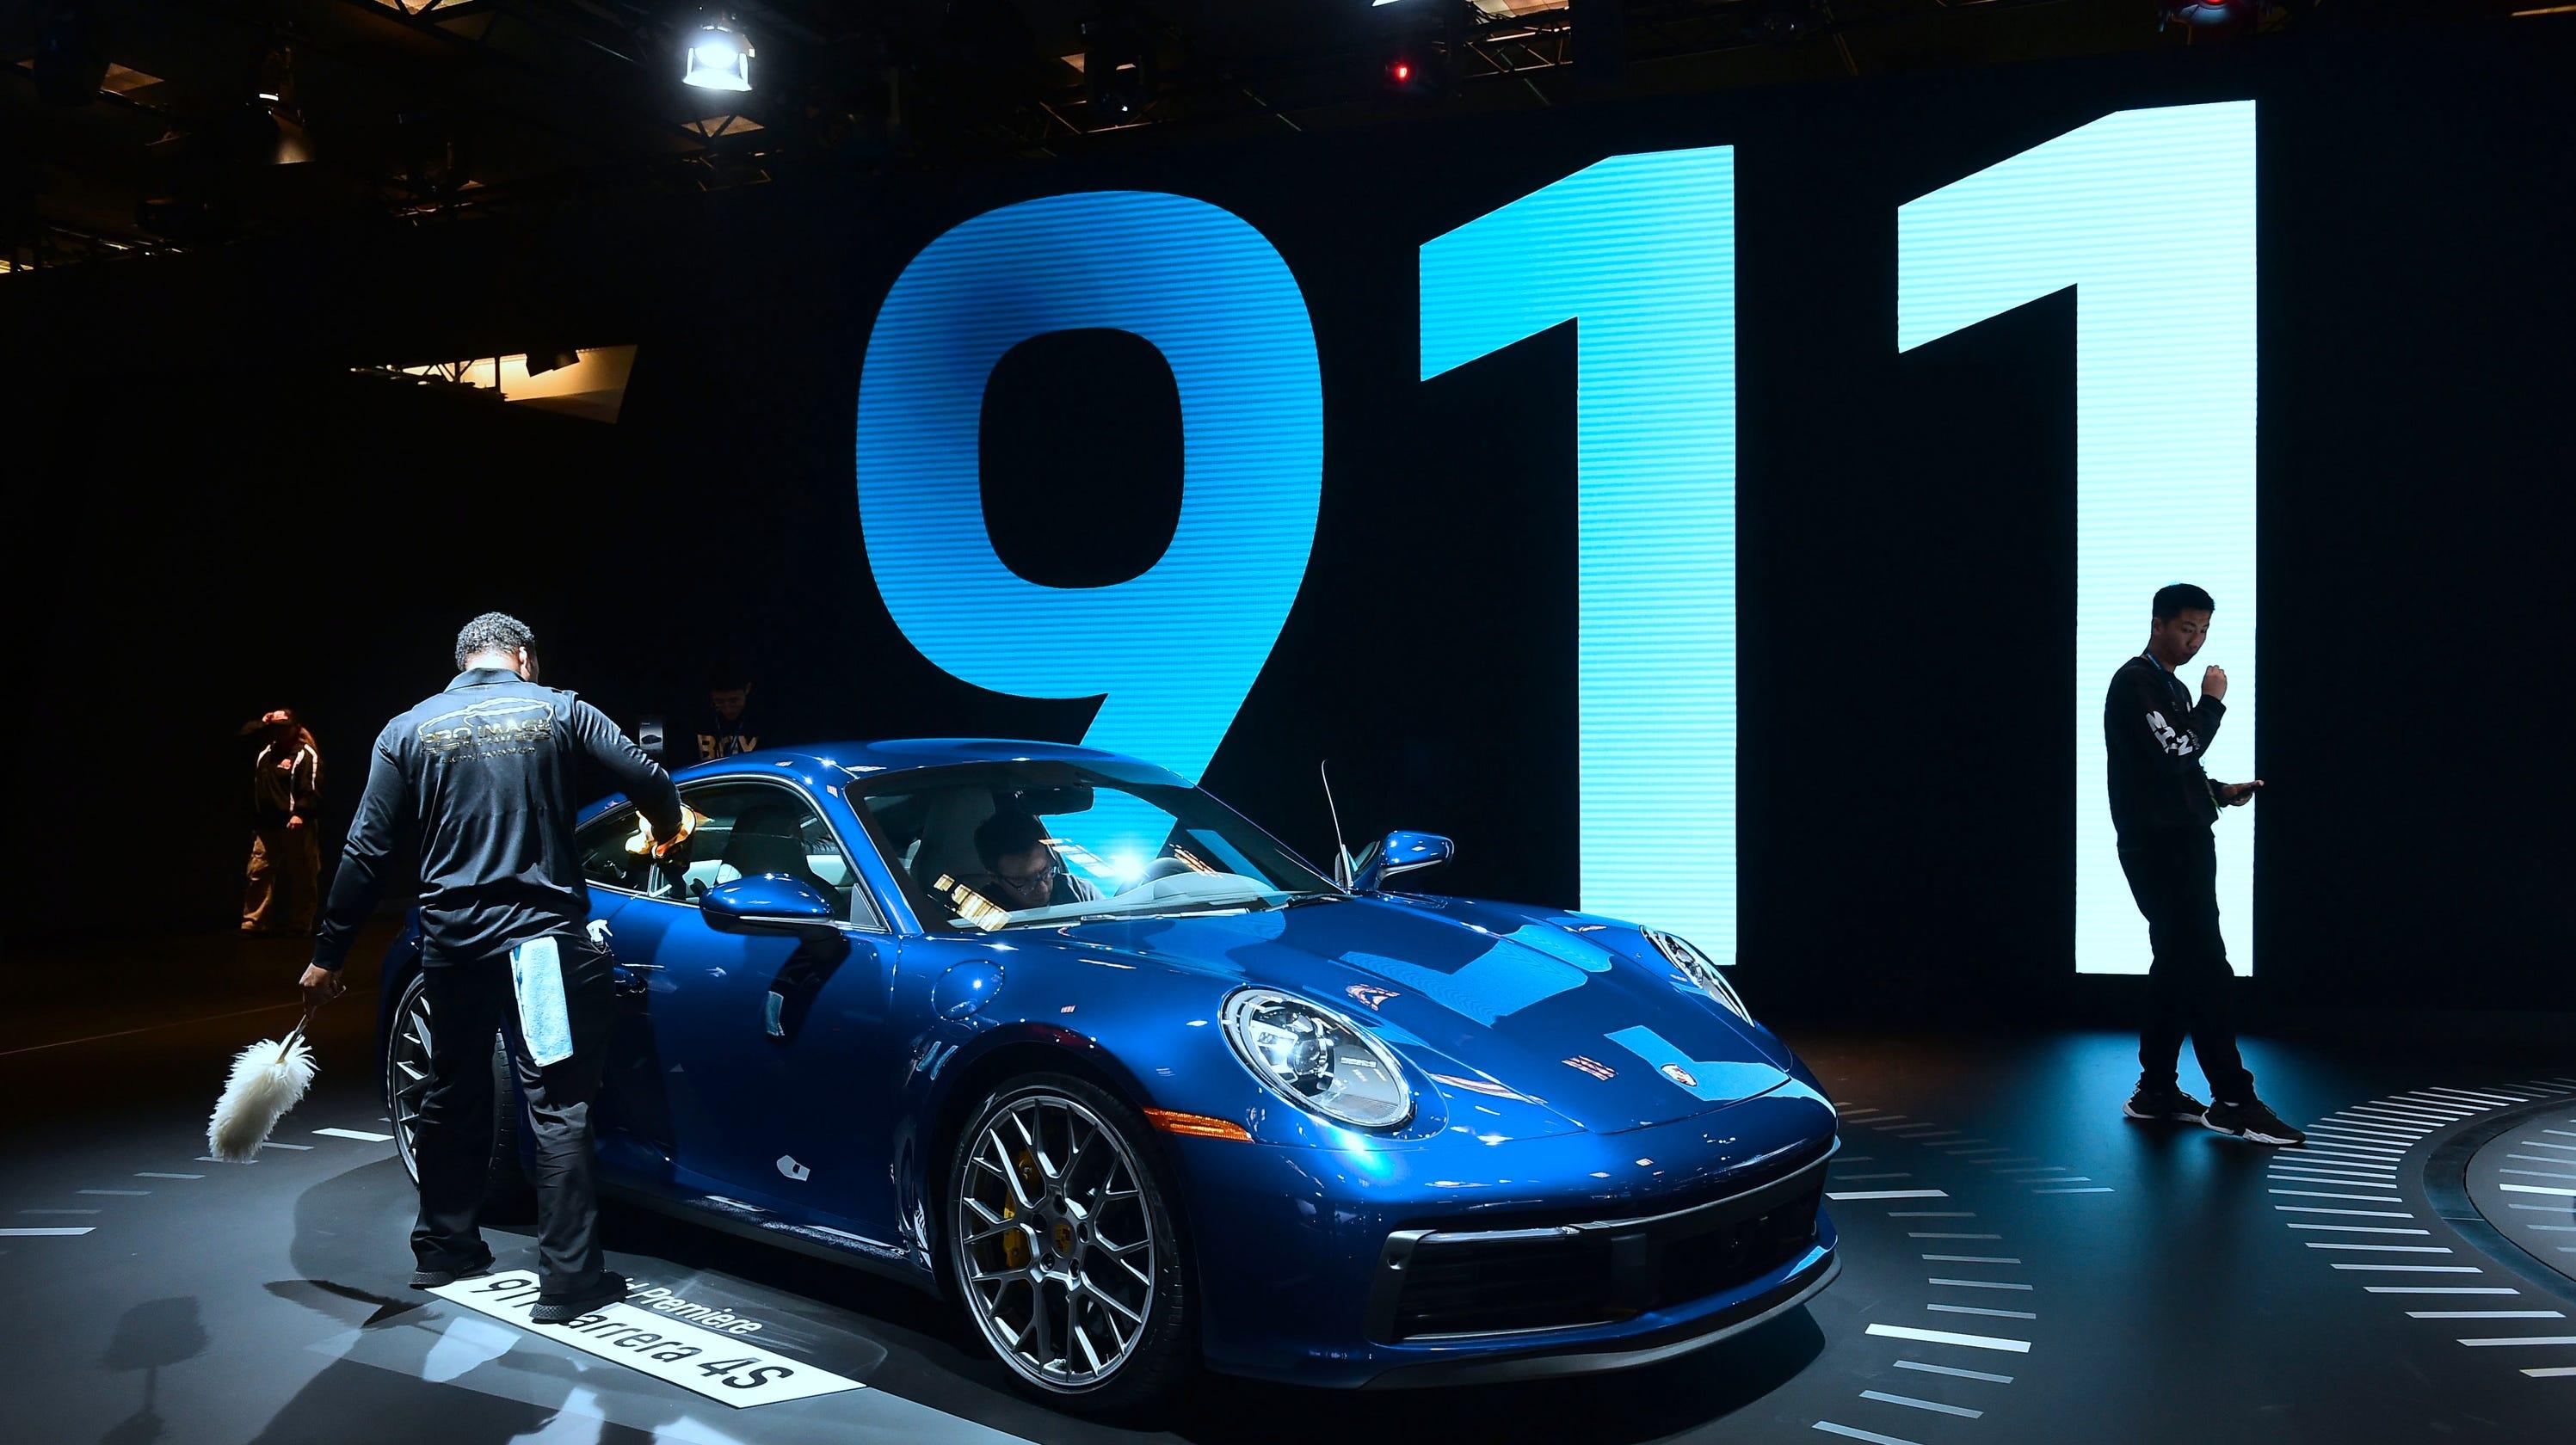 J D  Power 2019: Lexus, Toyota, Porsche most reliable, dependable cars